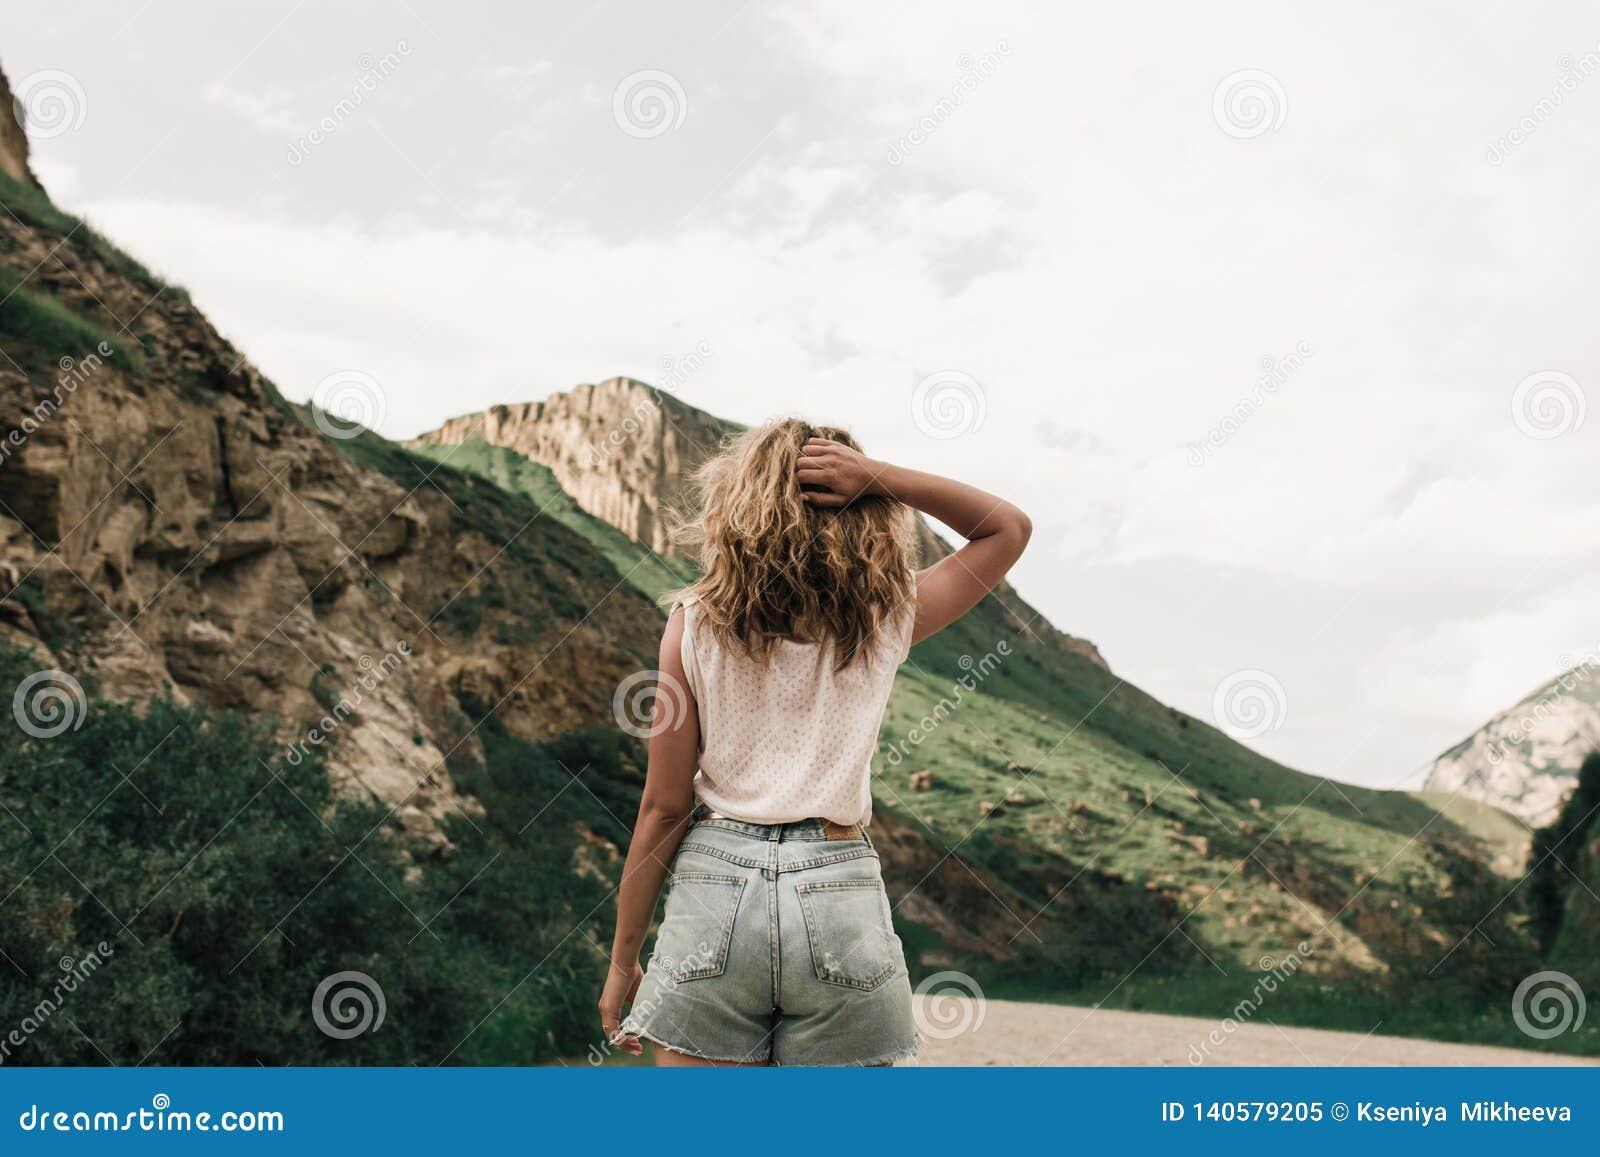 Modna dziewczyna stoi na drodze w średniogórzach w biel ubraniach Zielona trawa i góry